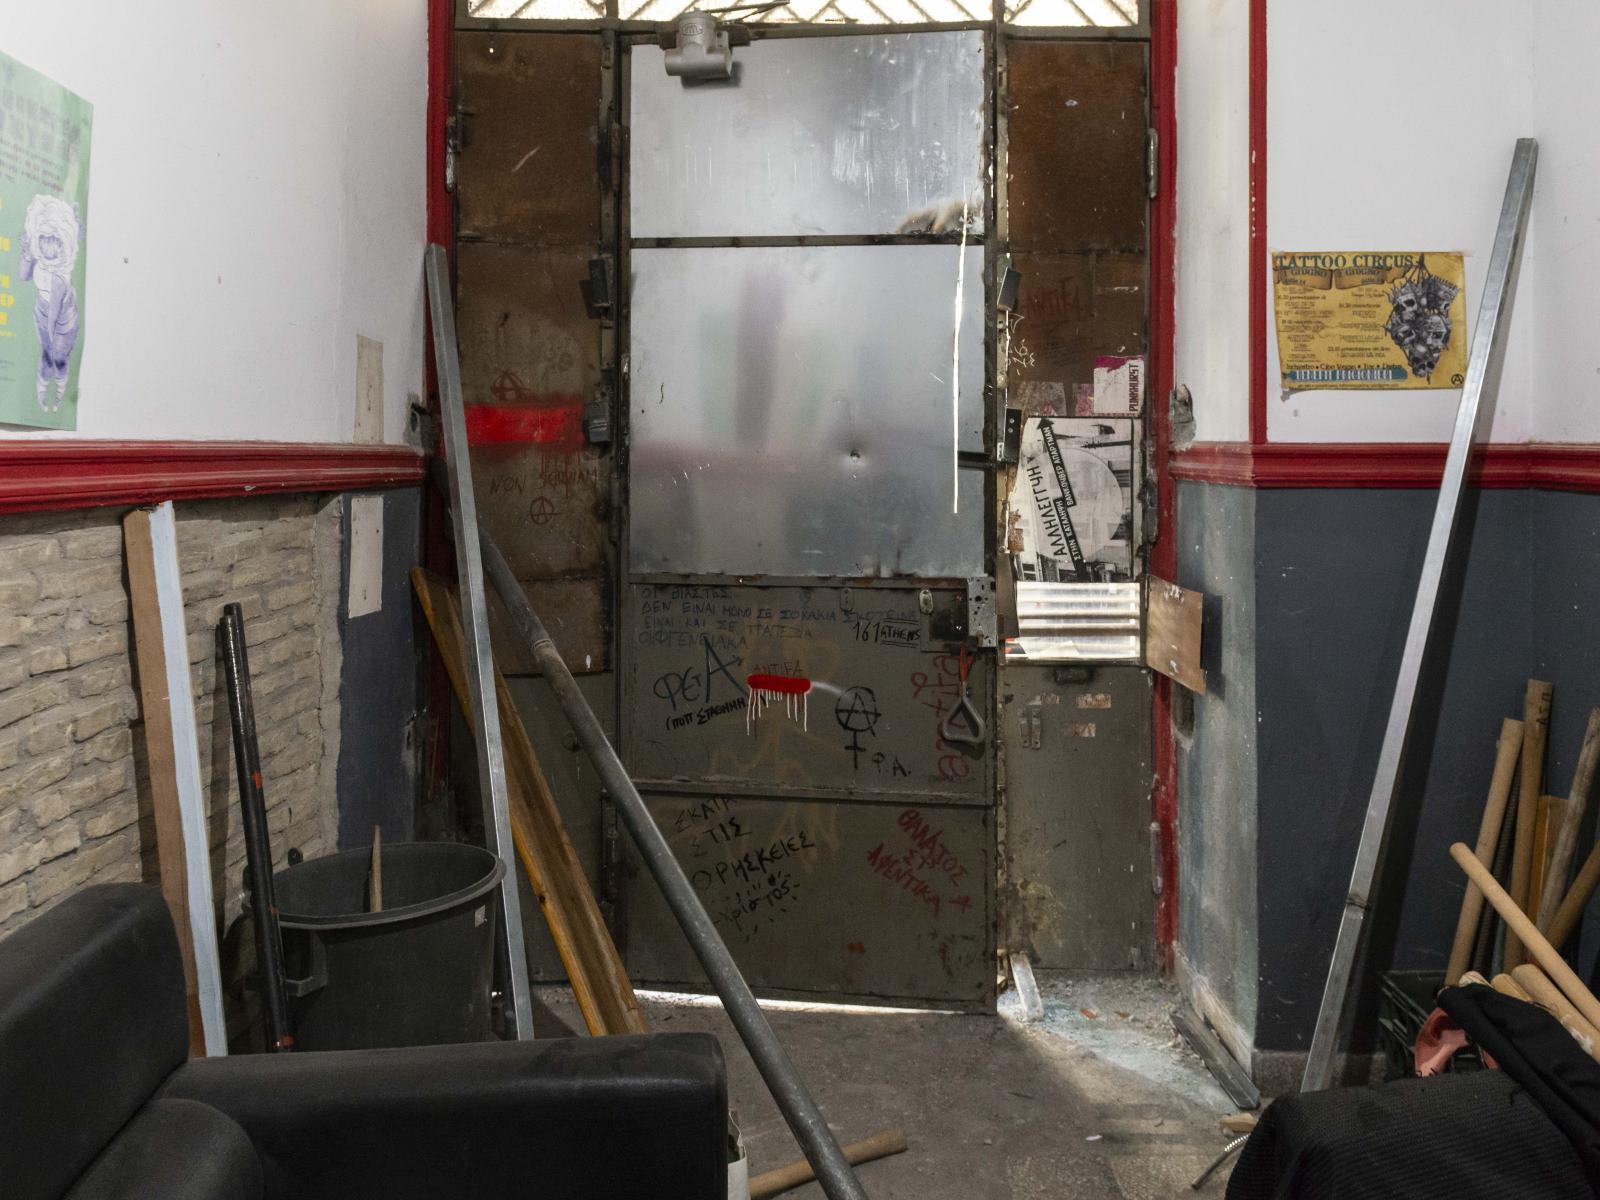 Εικόνα από το εσωτερικό του κτιρίου